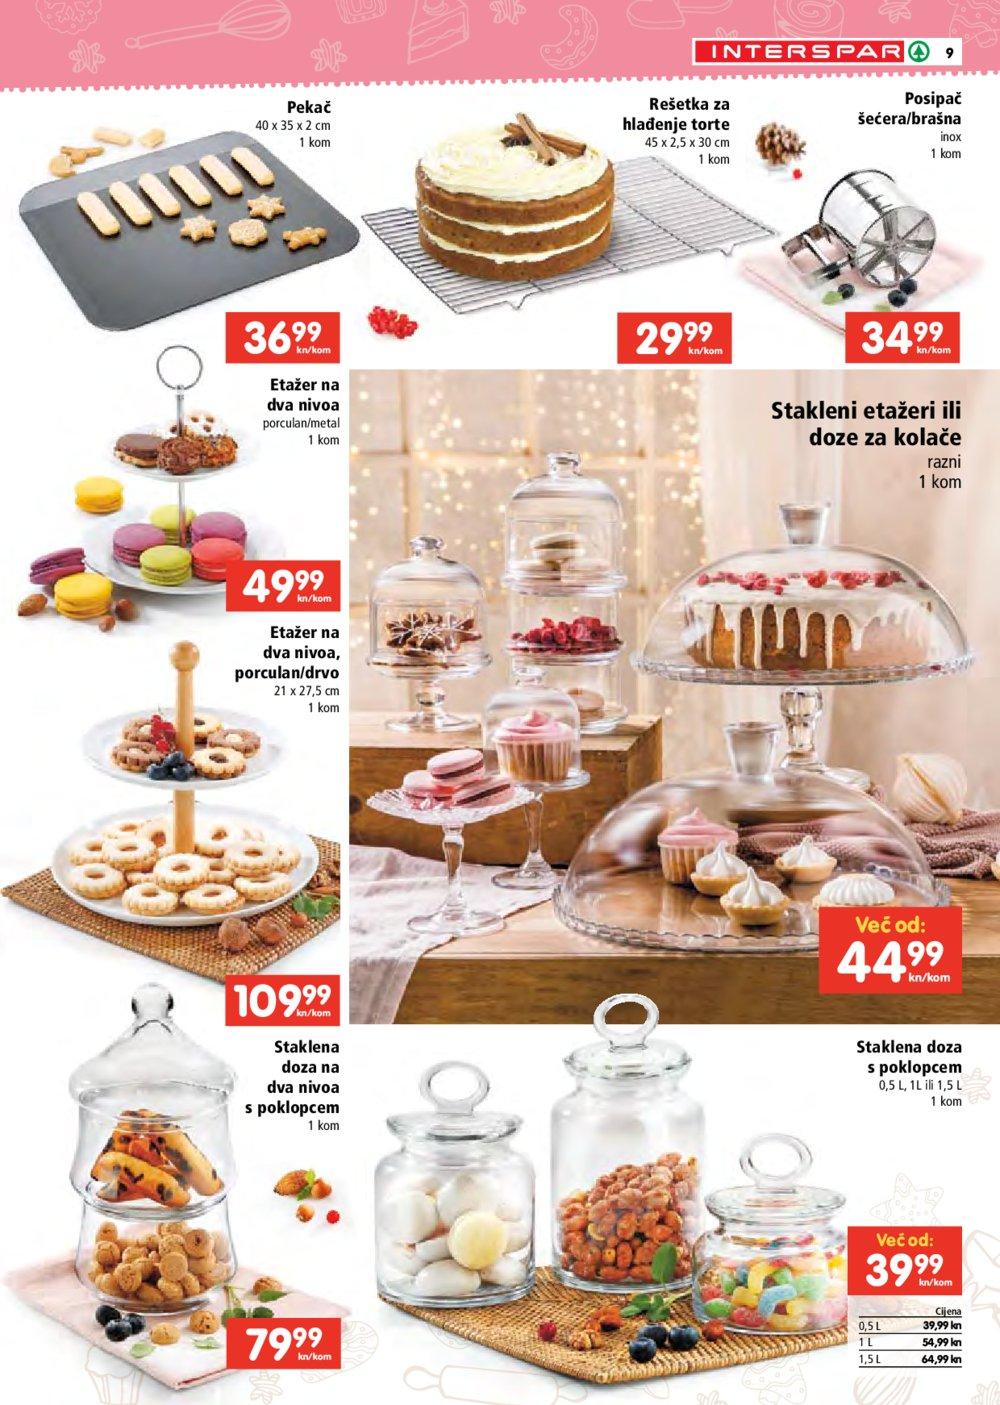 INTERSPAR katalog Vrijeme je za kolače 14.10.-05.01.2022.